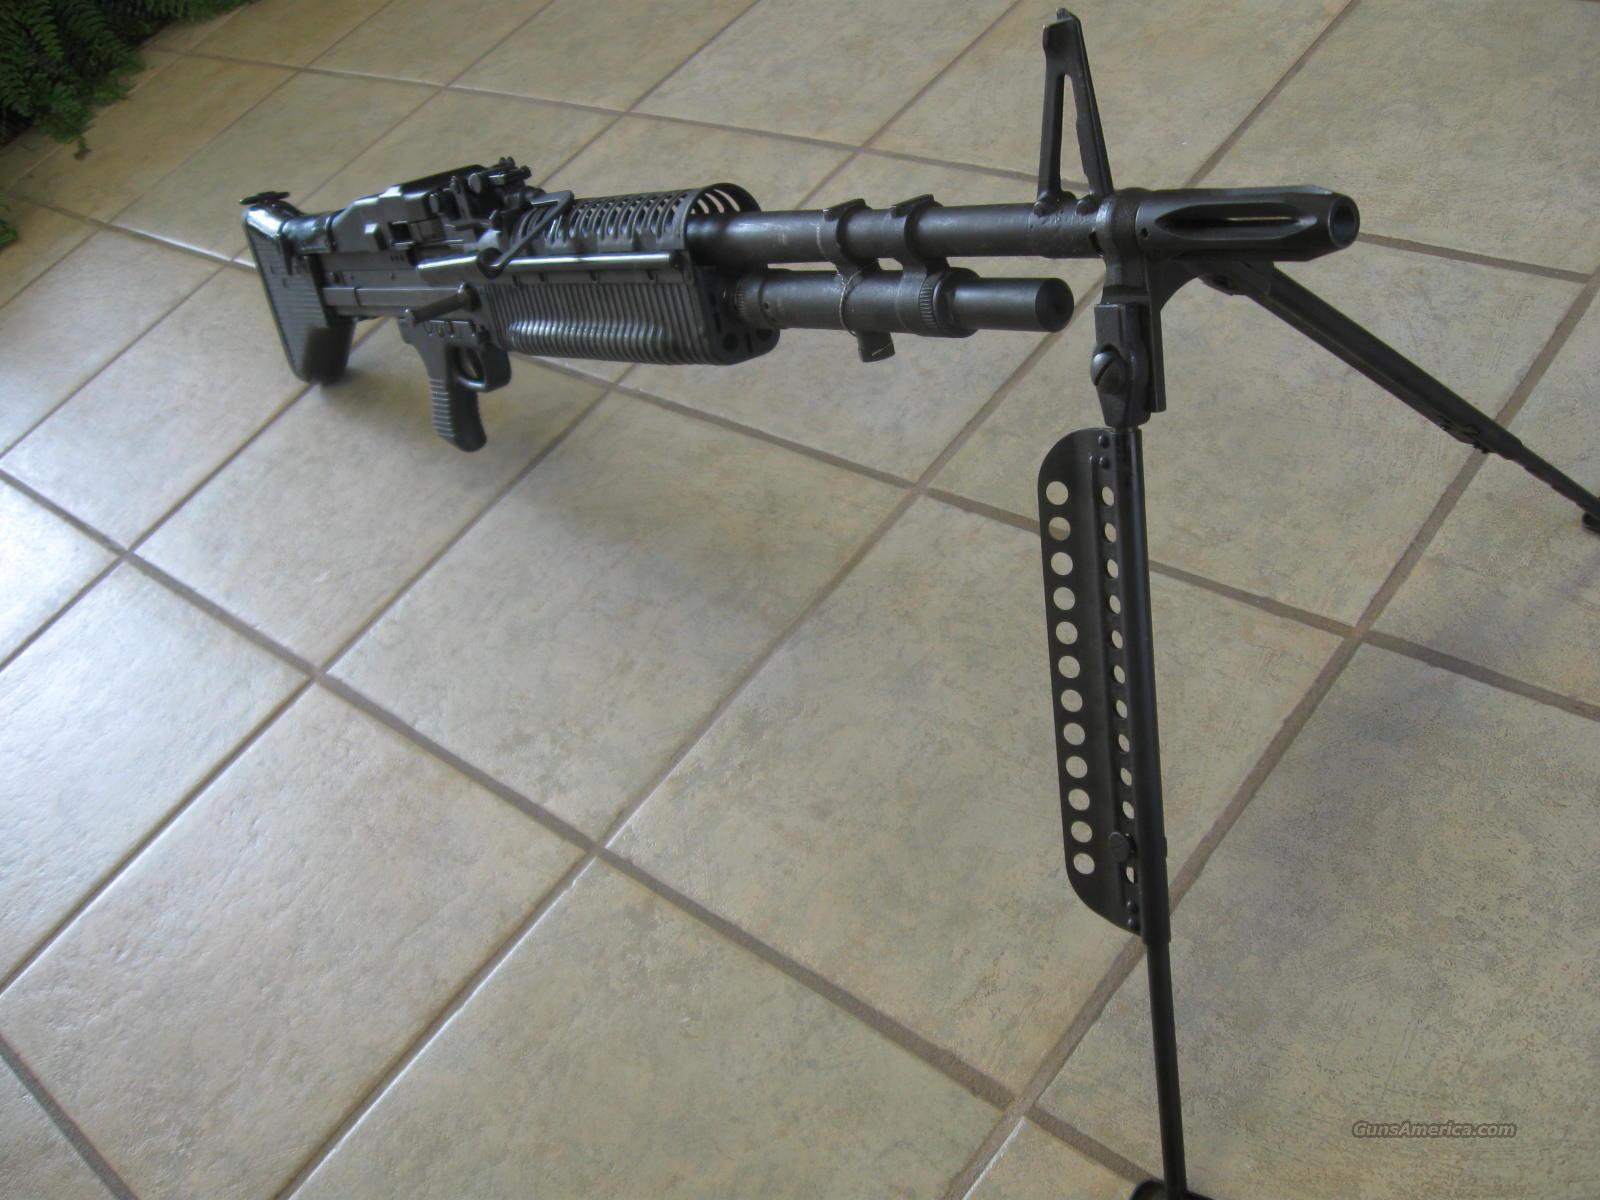 m60 machine gun for sale price